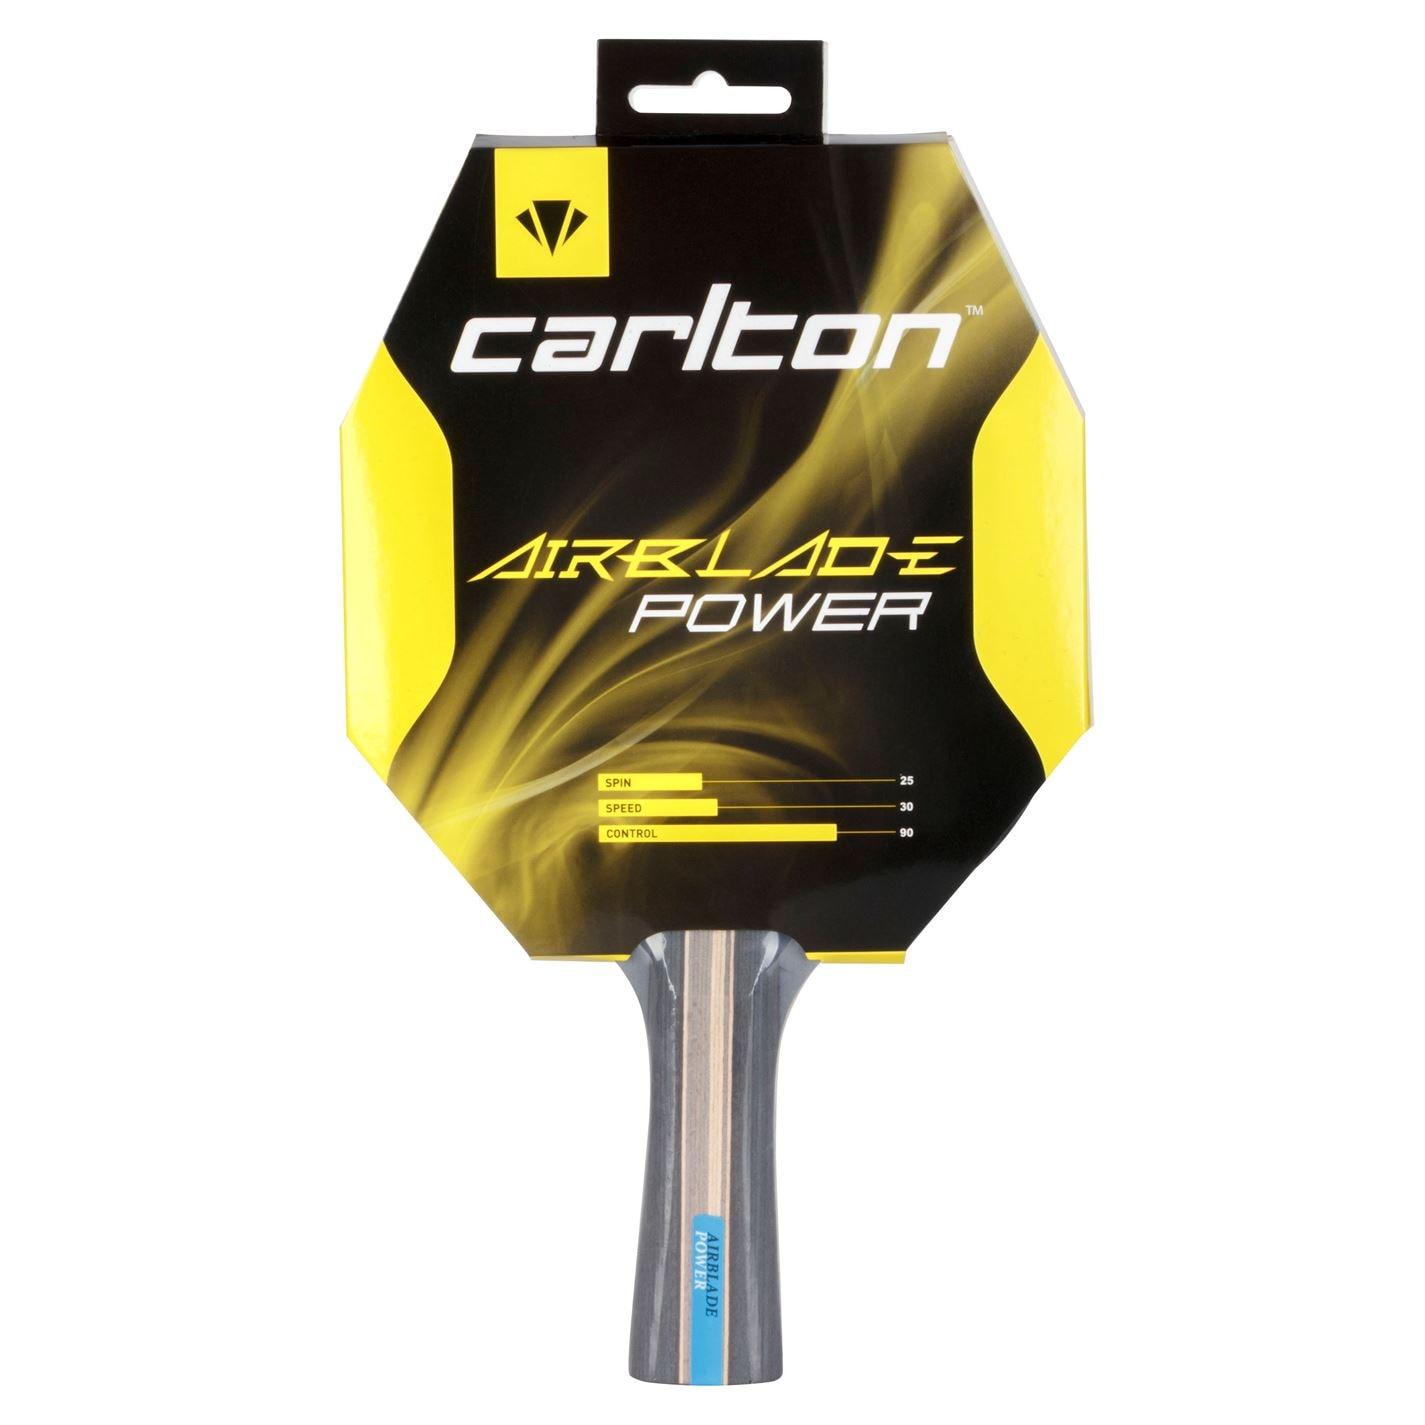 Carlton Airlite Power Table Tennis Bat